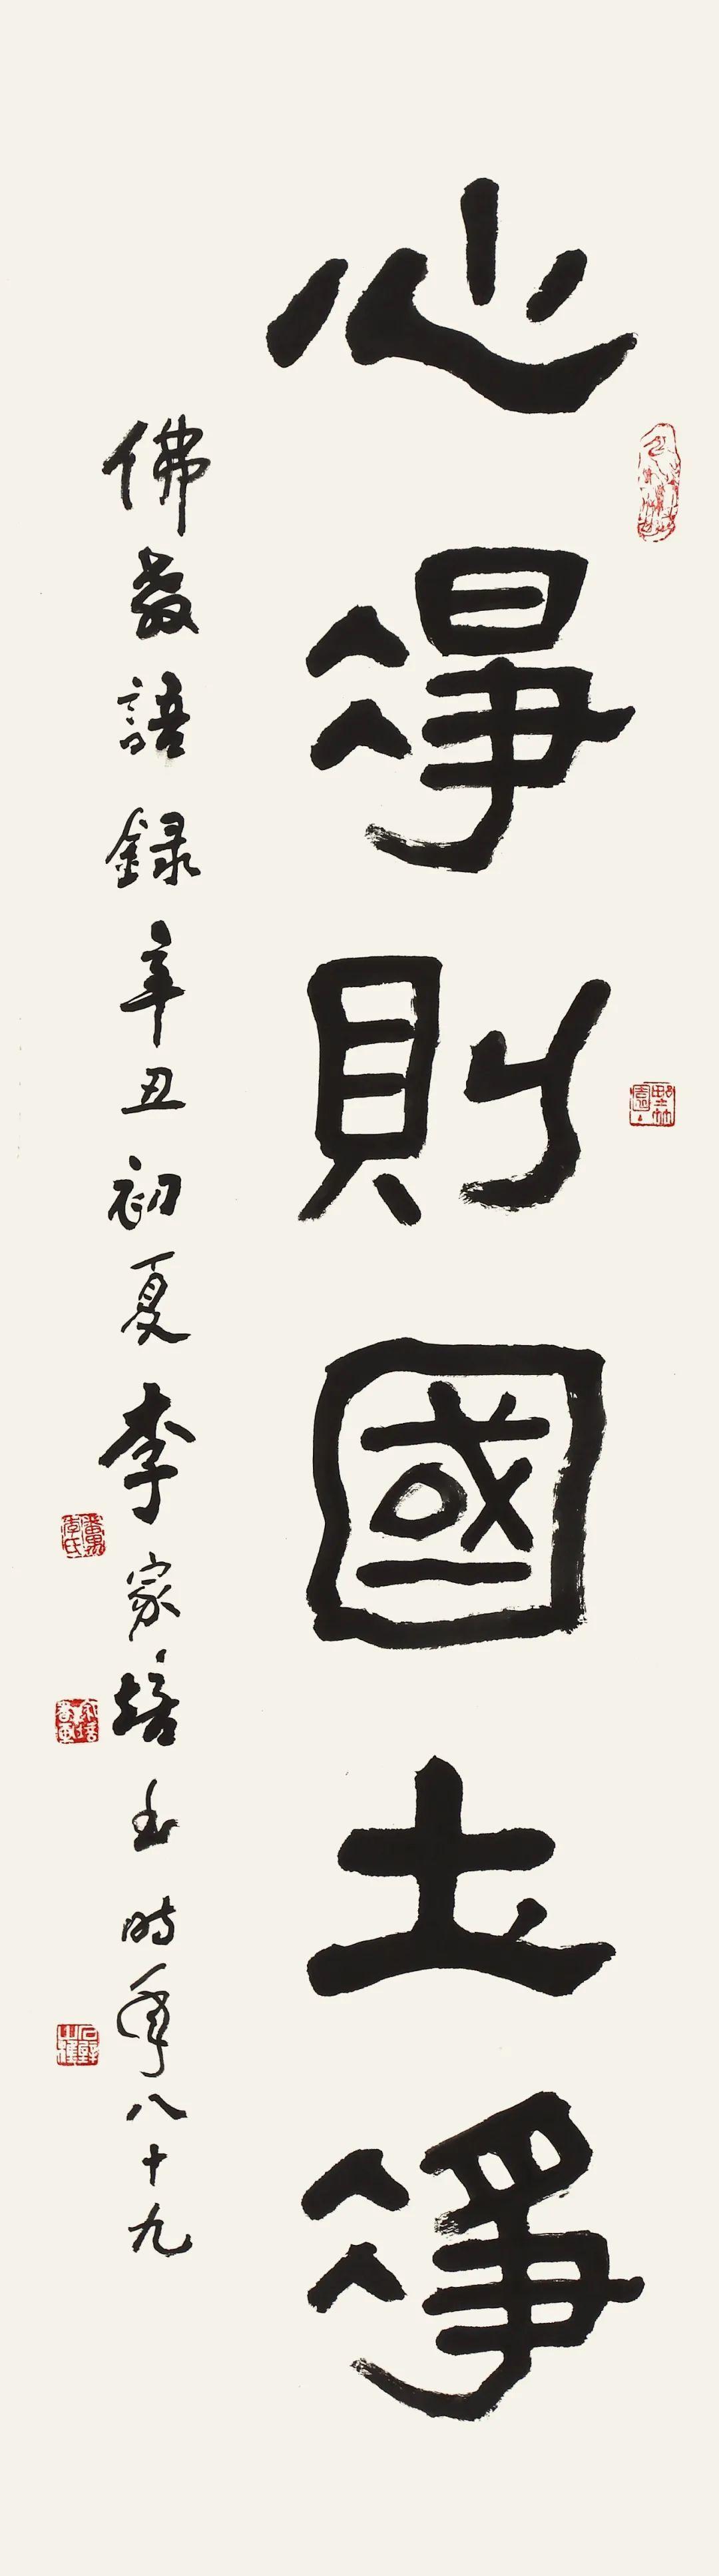 中国书法家协会会员、广州市书法家协会艺术委员、广州羊城书法研究会顾问李家培